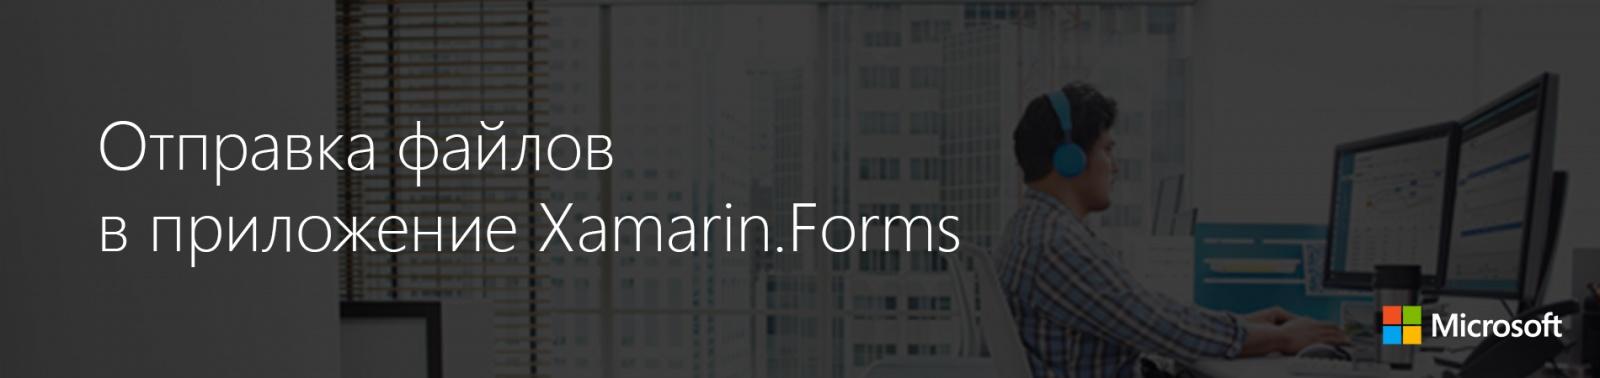 Отправка файлов в приложение Xamarin.Forms. Часть 1 - 1